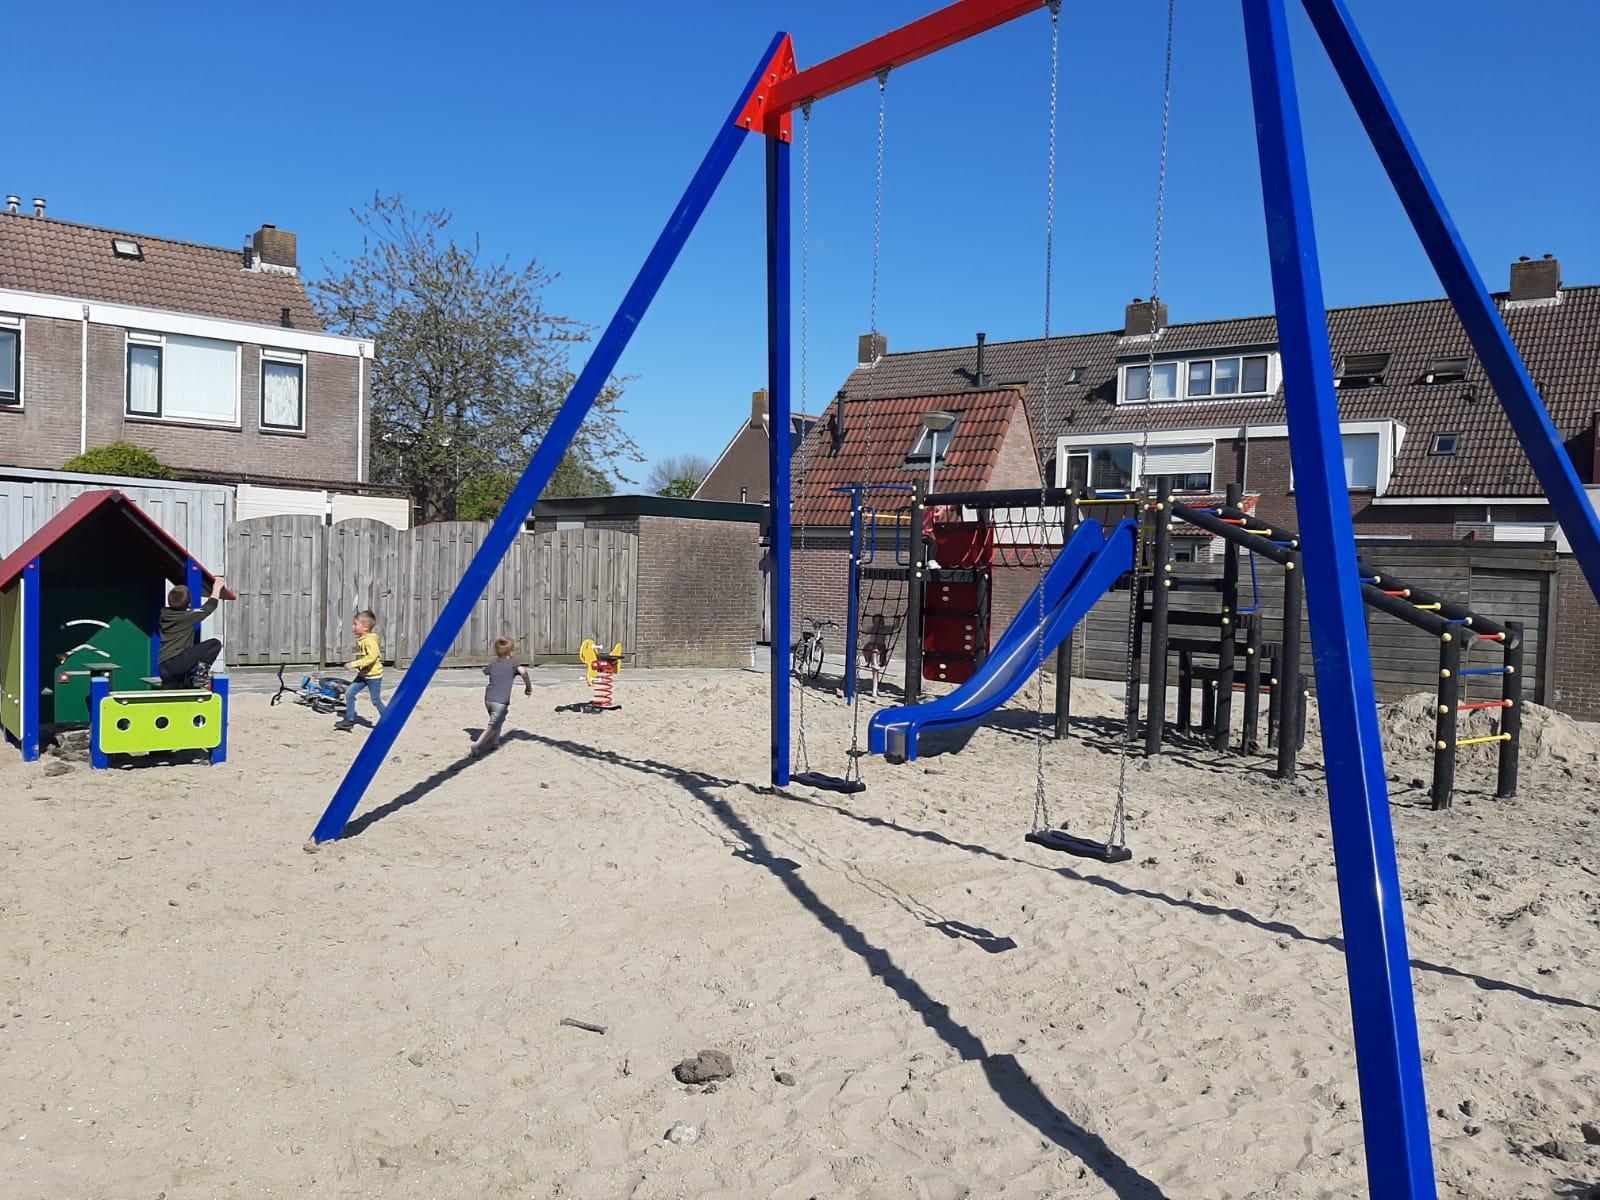 Nieuwe speelplaats in Avenhorn tot ergernis ouders binnen vier maanden weg na klachten over luidruchtige kinderen en inkijk achtertuin